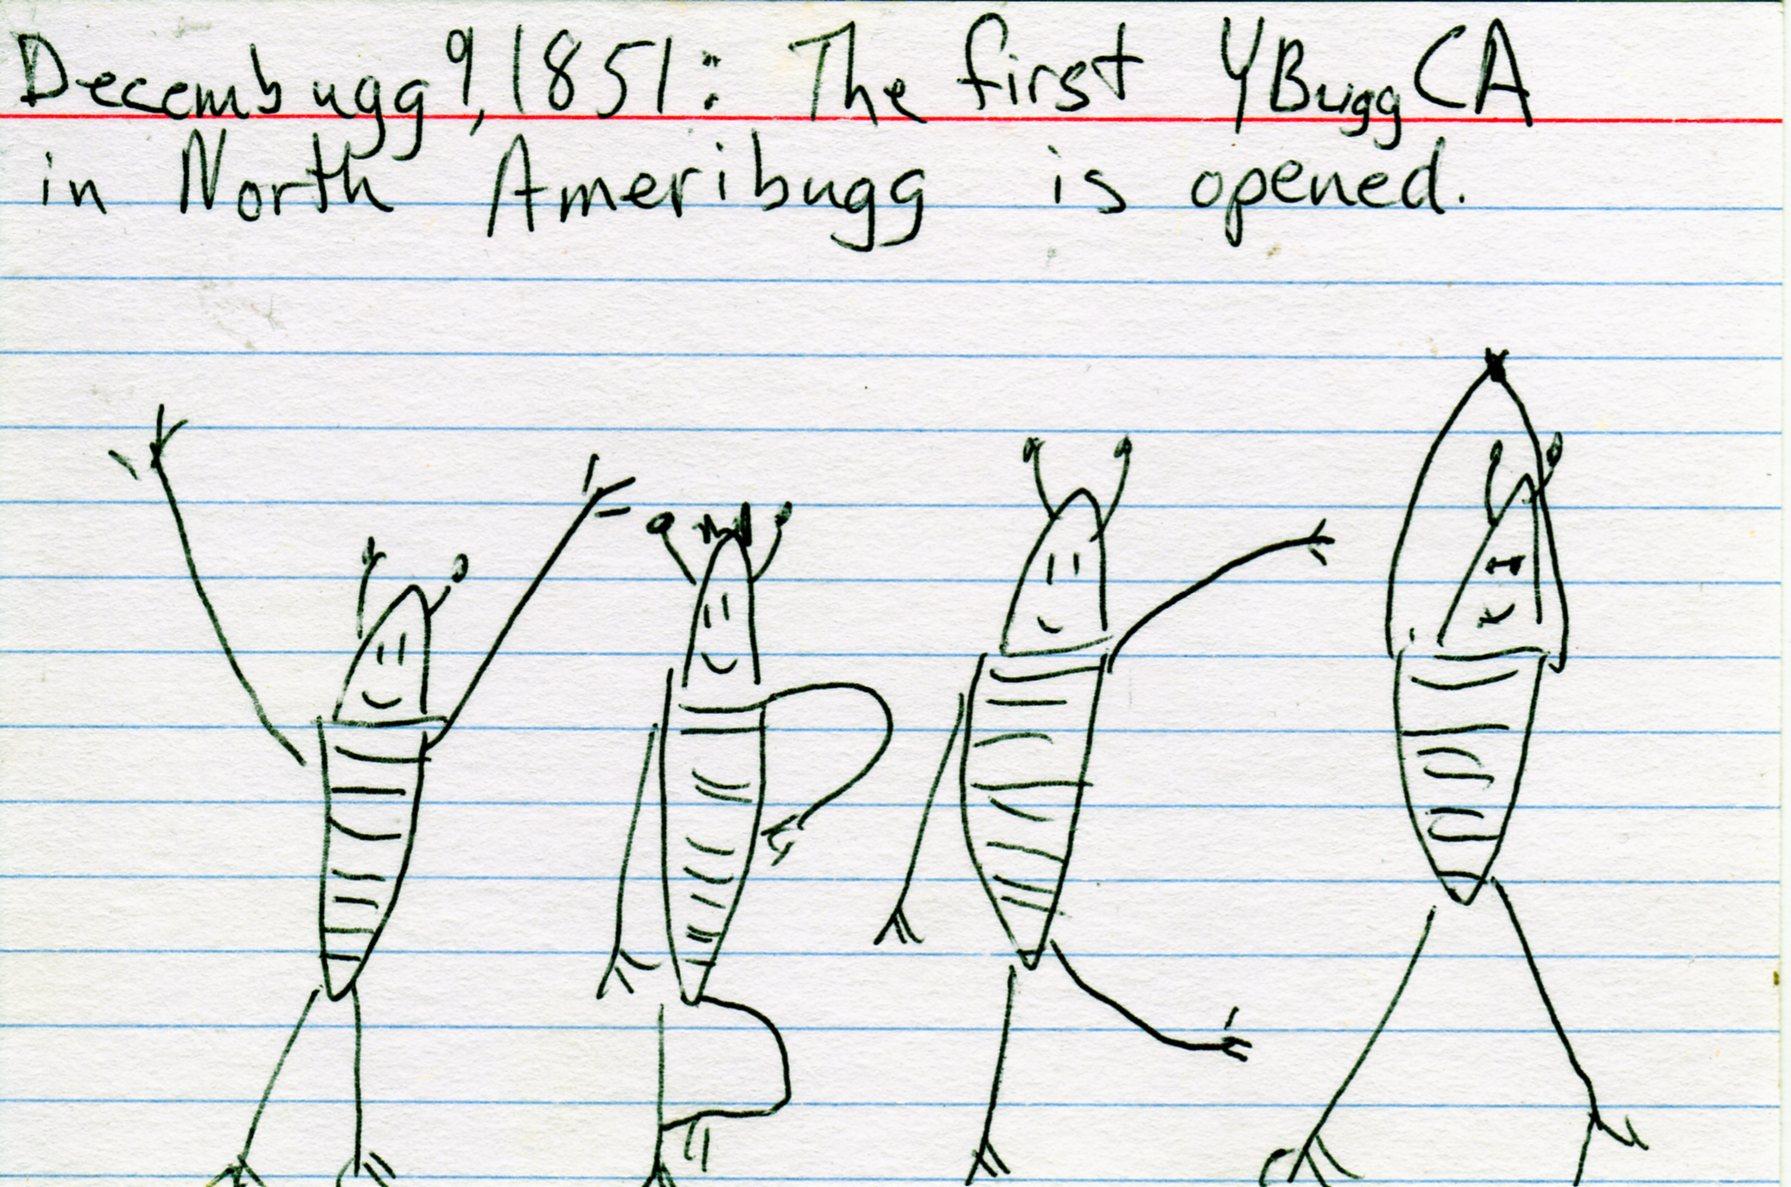 YBuggCA [click to embiggen]